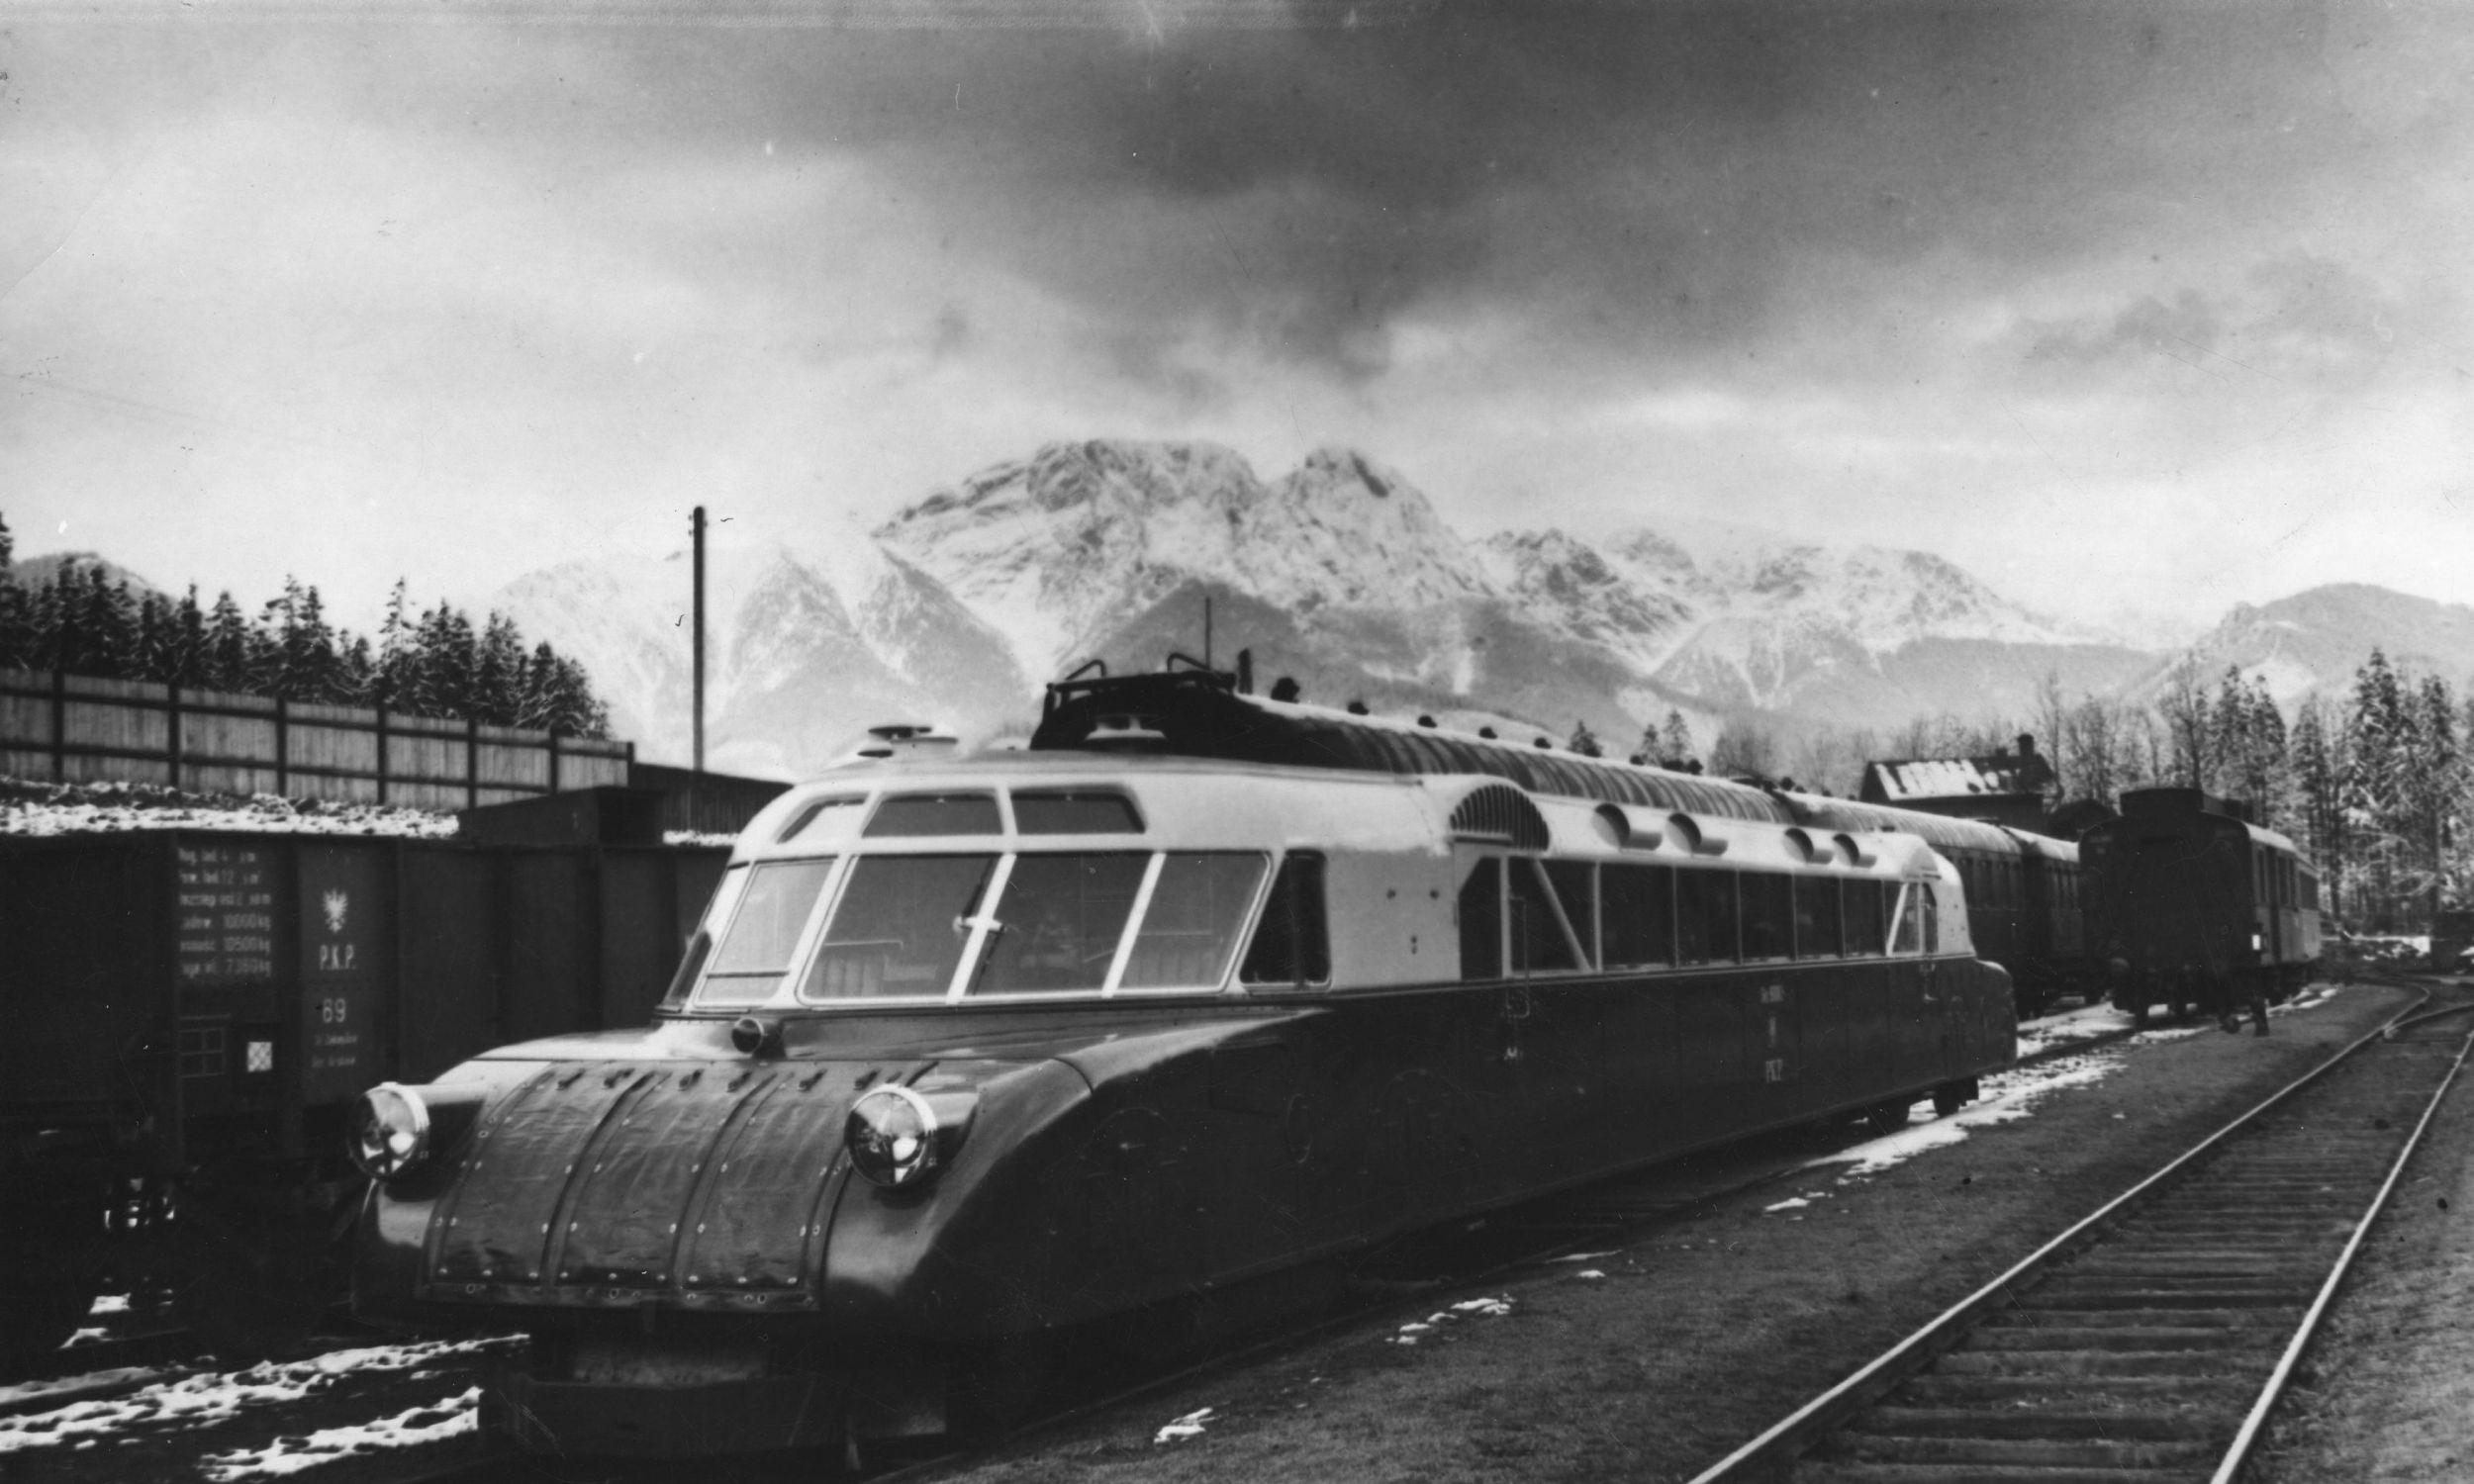 """""""Torpeda podhalańska"""" na dworcu kolejowym w Zakopanem. Na zdjęciu wagon czteroosiowy """"luxtorpeda"""" Nr 90080. W tle widoczny Giewont. 1936. Fot. NAC/IKC, sygn. 1-G-2970"""